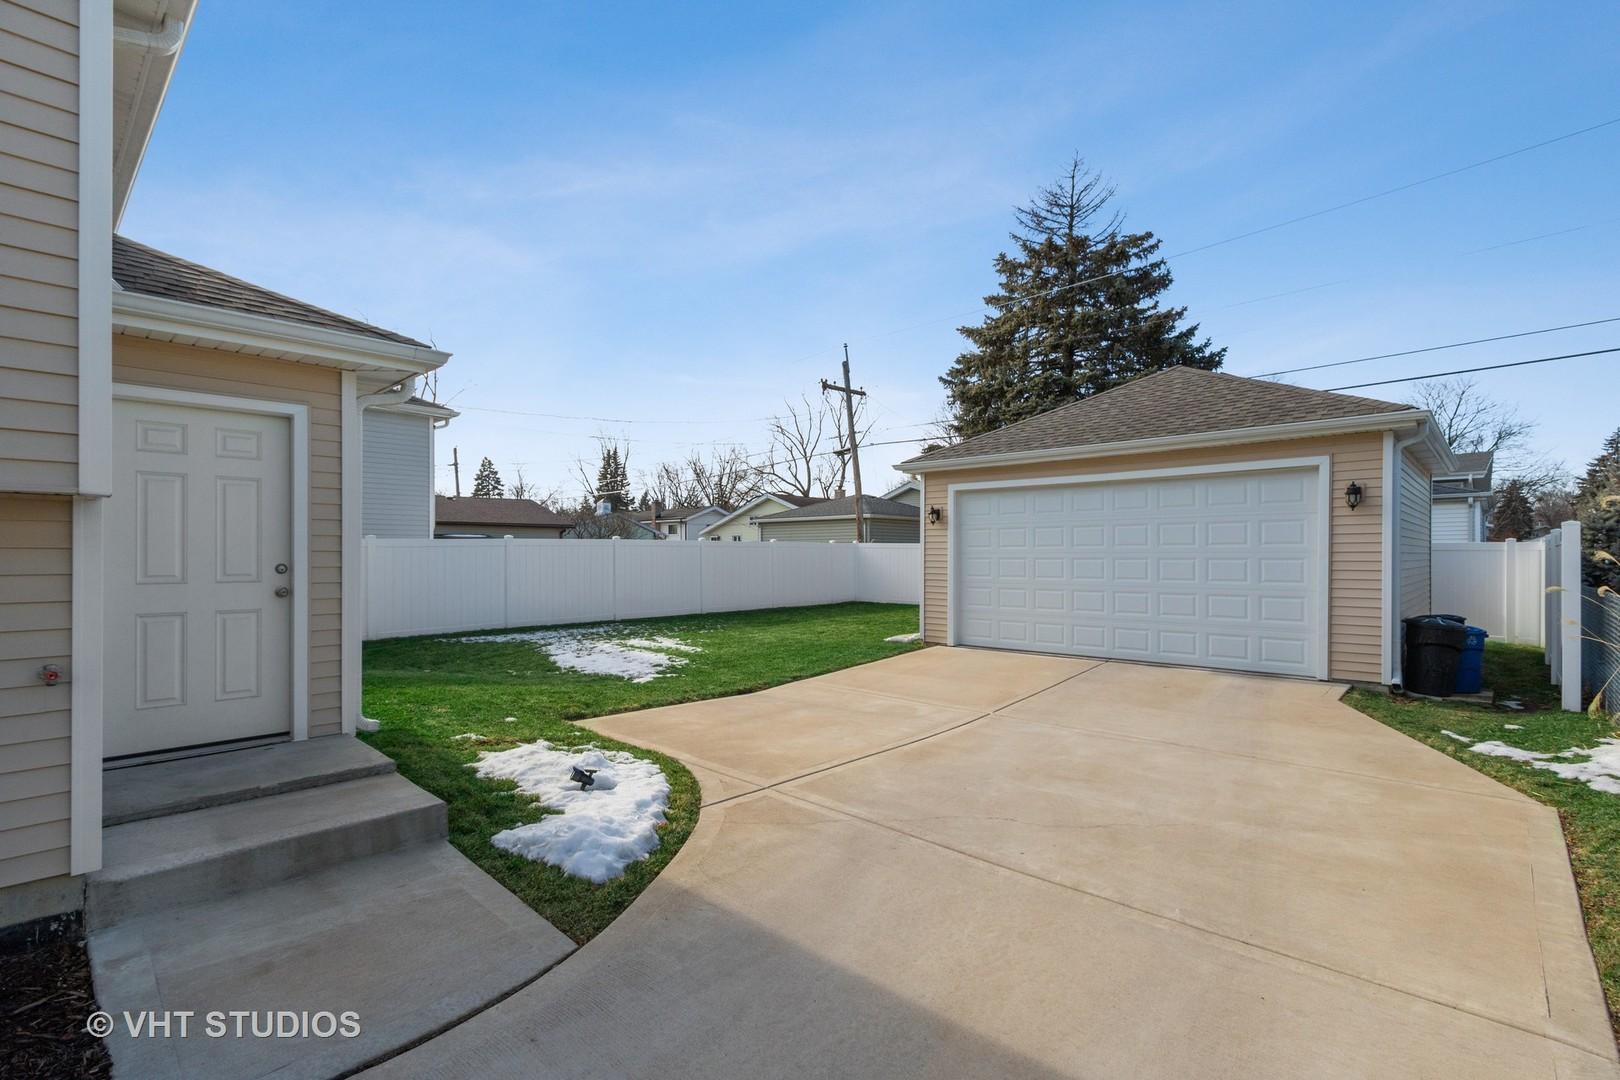 614 North Michigan, Villa Park, Illinois, 60181